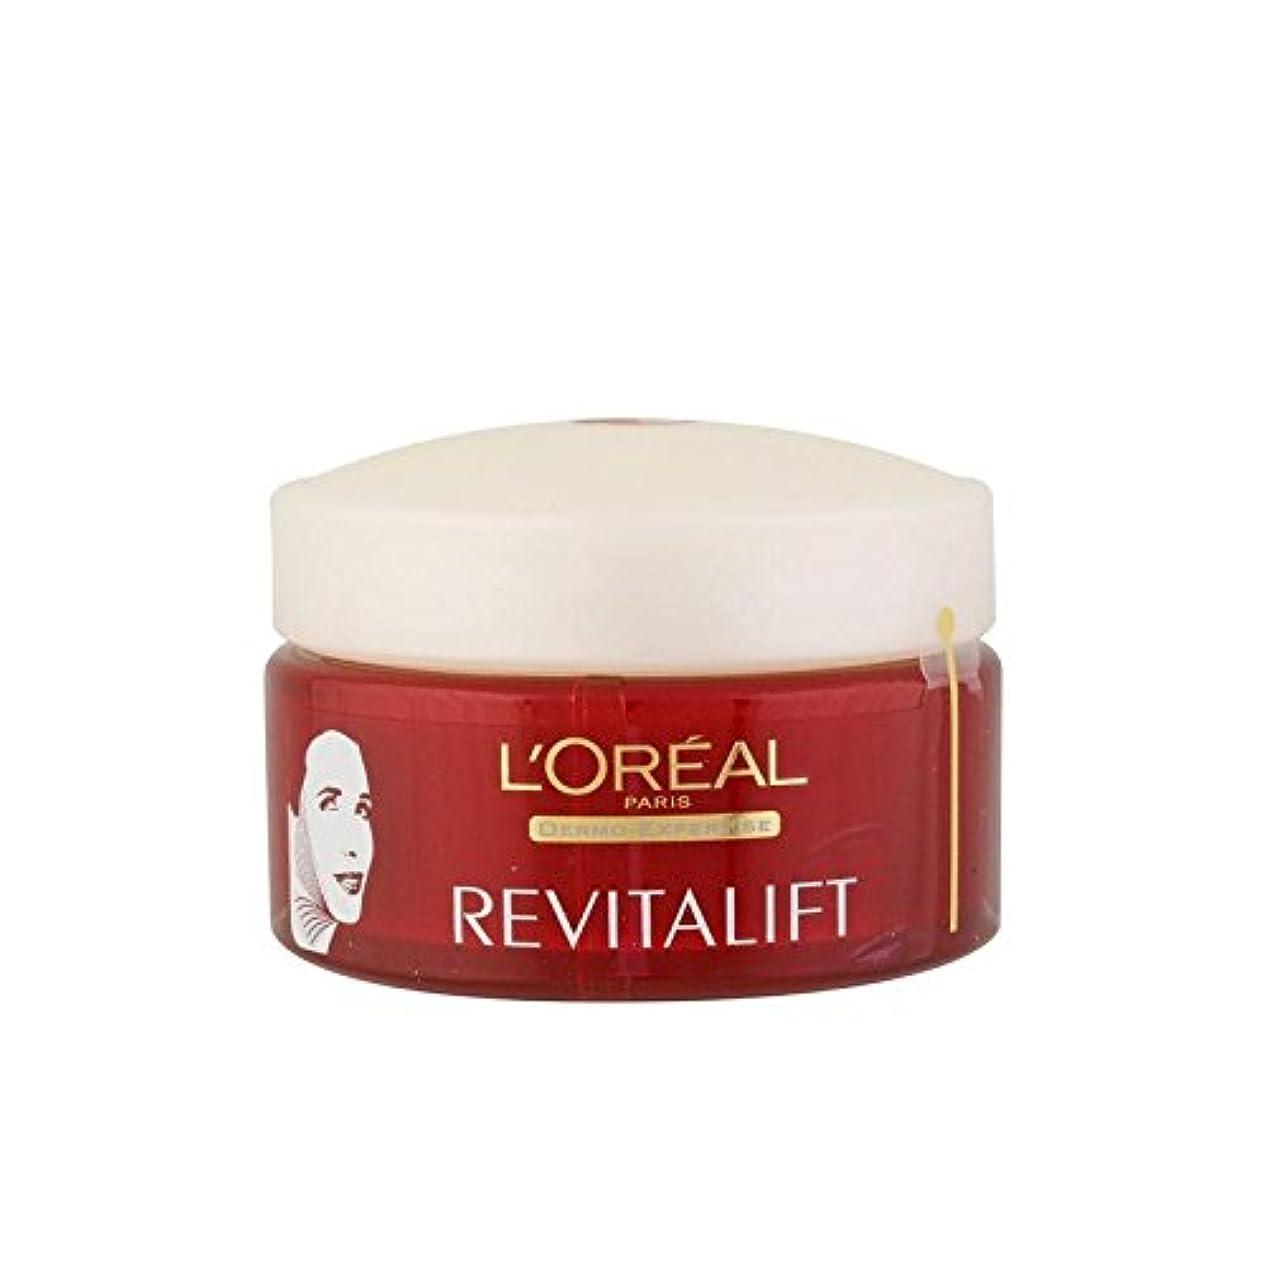 鋭く家主適合L'Oreal Paris Dermo Expertise Revitalift Face Contours And Neck Re-Support Cream (50ml) - ロレアルパリ?ダーモ専門知識顔の輪郭や首の再サポートクリーム(50ミリリットル) [並行輸入品]